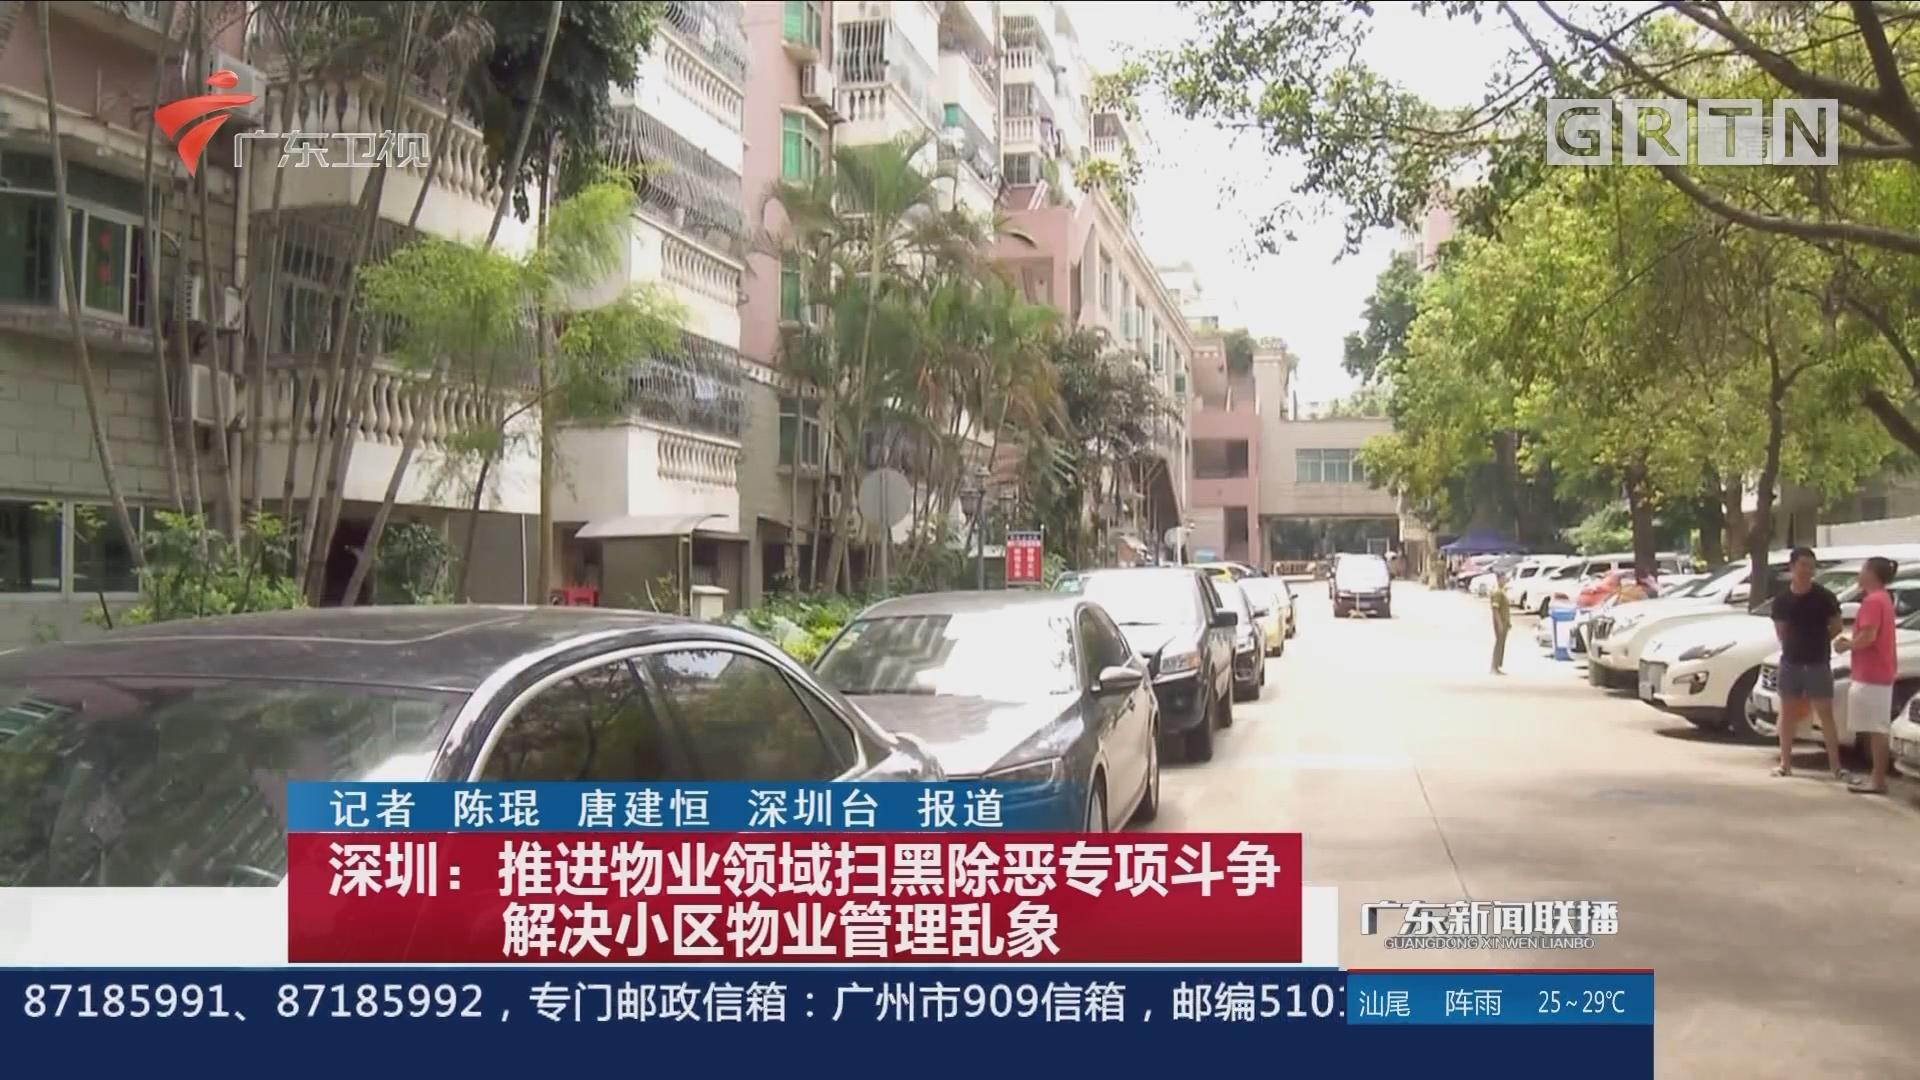 深圳:推进物业领域扫黑除恶专项斗争解决小区物业管理乱象